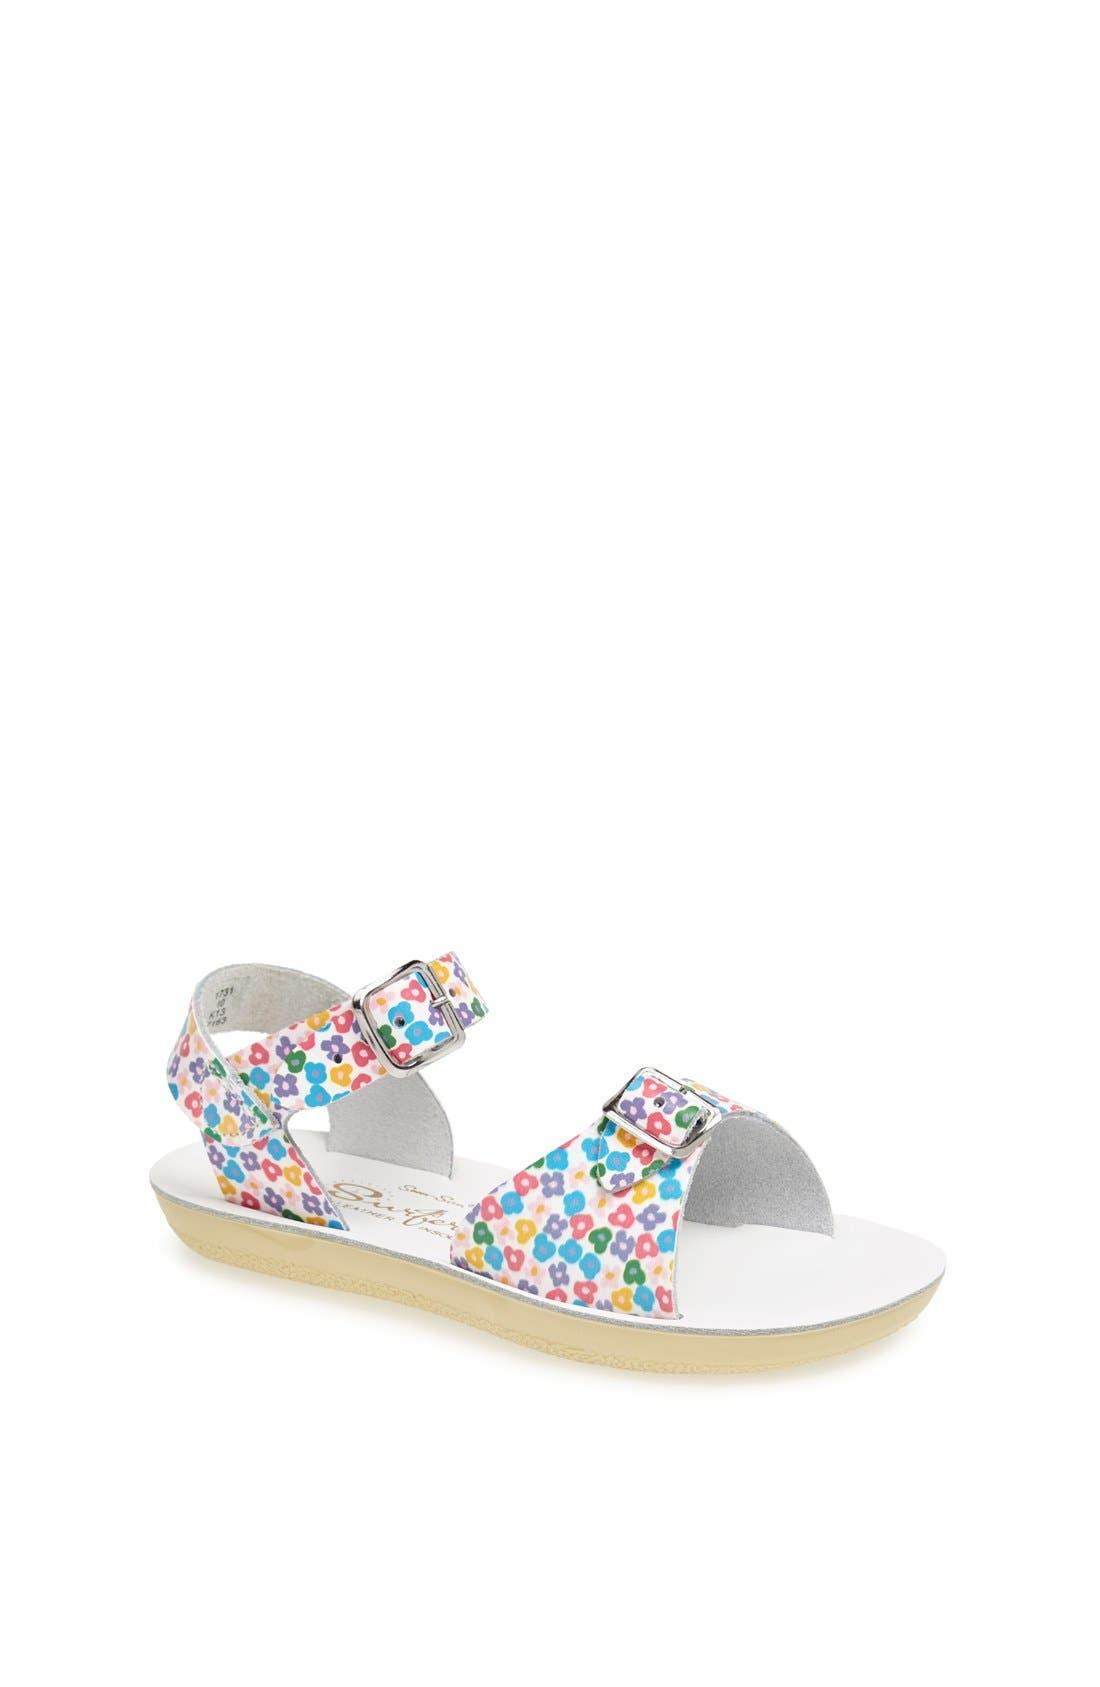 Alternate Image 1 Selected - Salt Water Sandals by Hoy Shoe Company 'Floral Surfer' Sandal (Toddler)